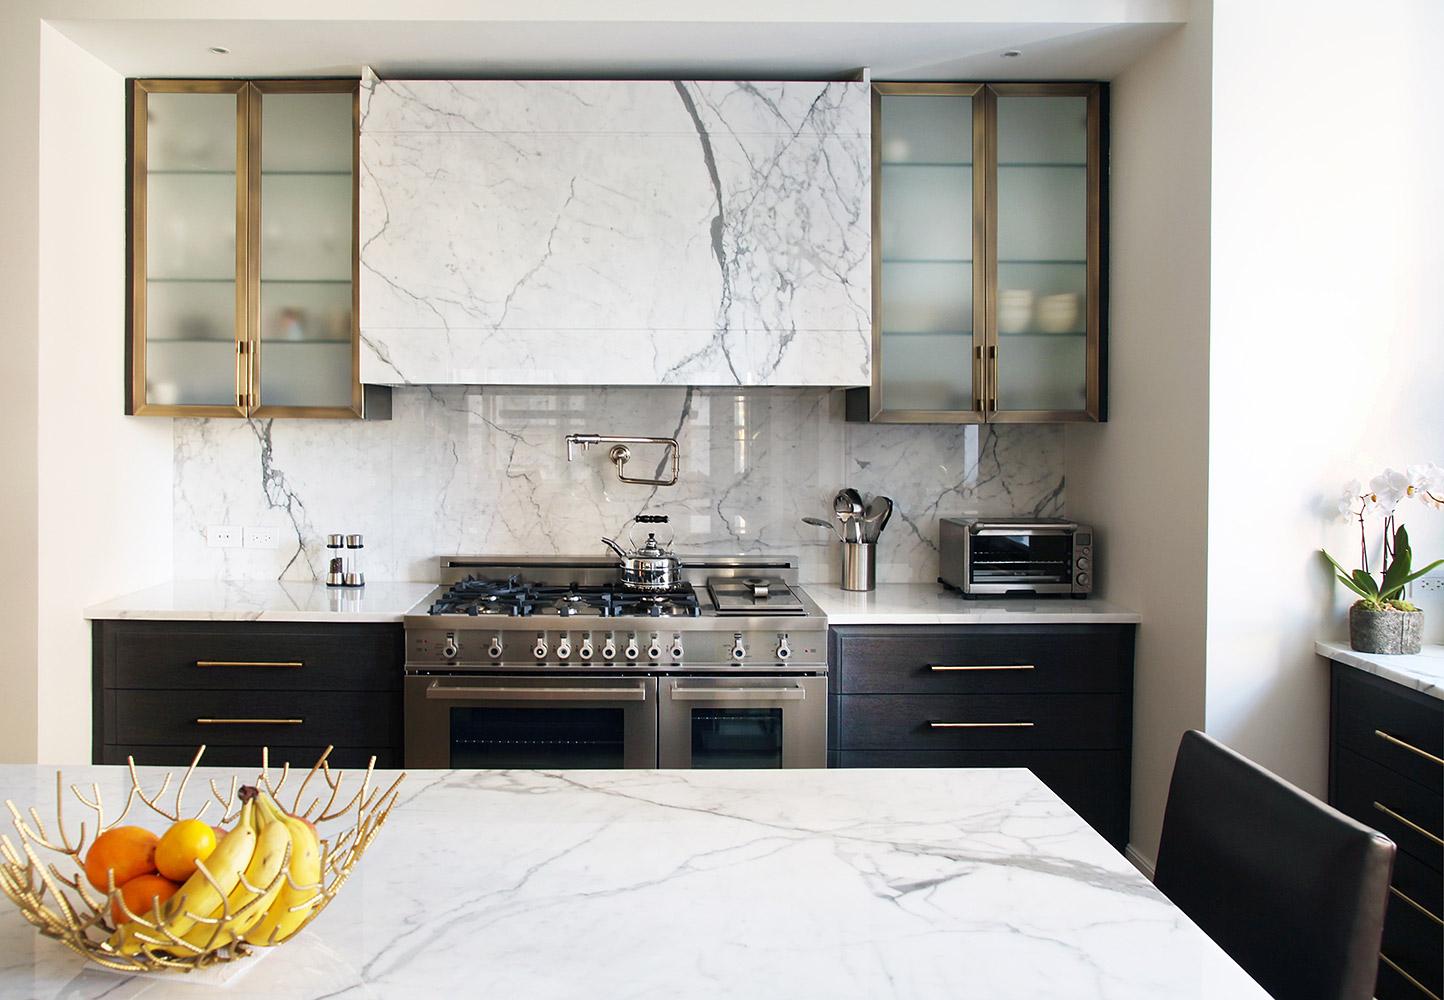 6-ES-east-side-kitchen-2